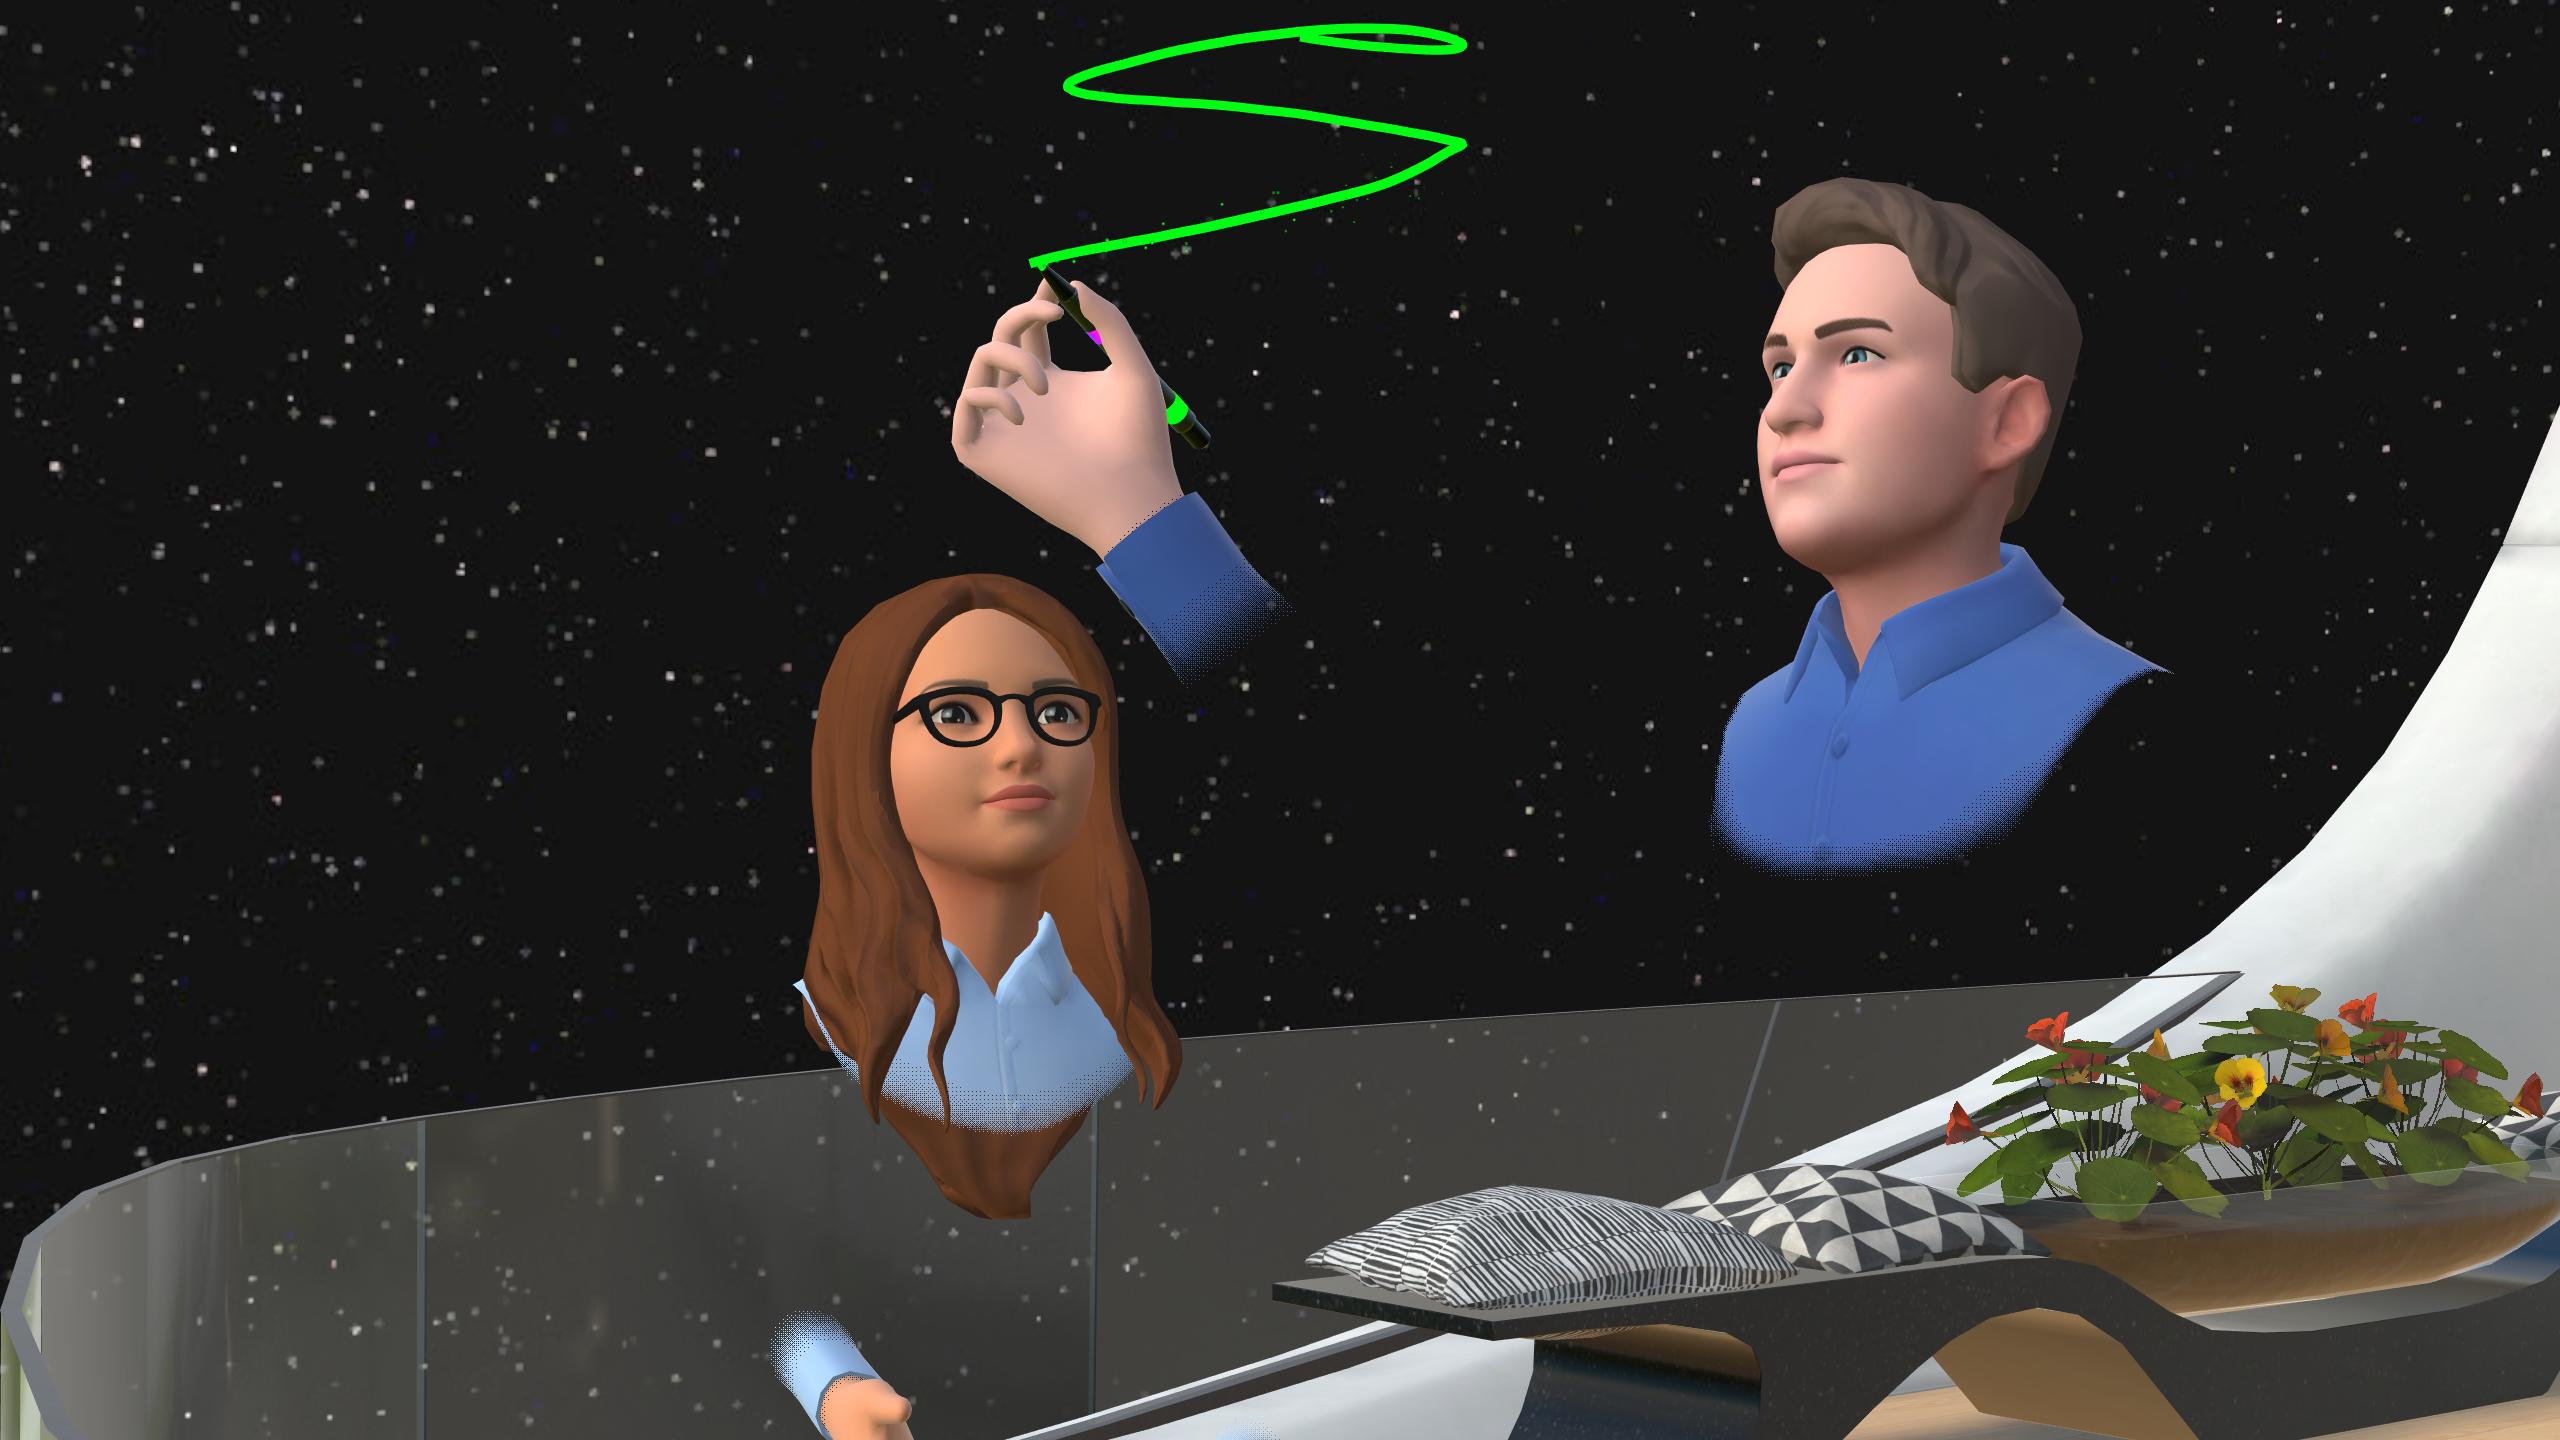 brainstorming in VR creative work